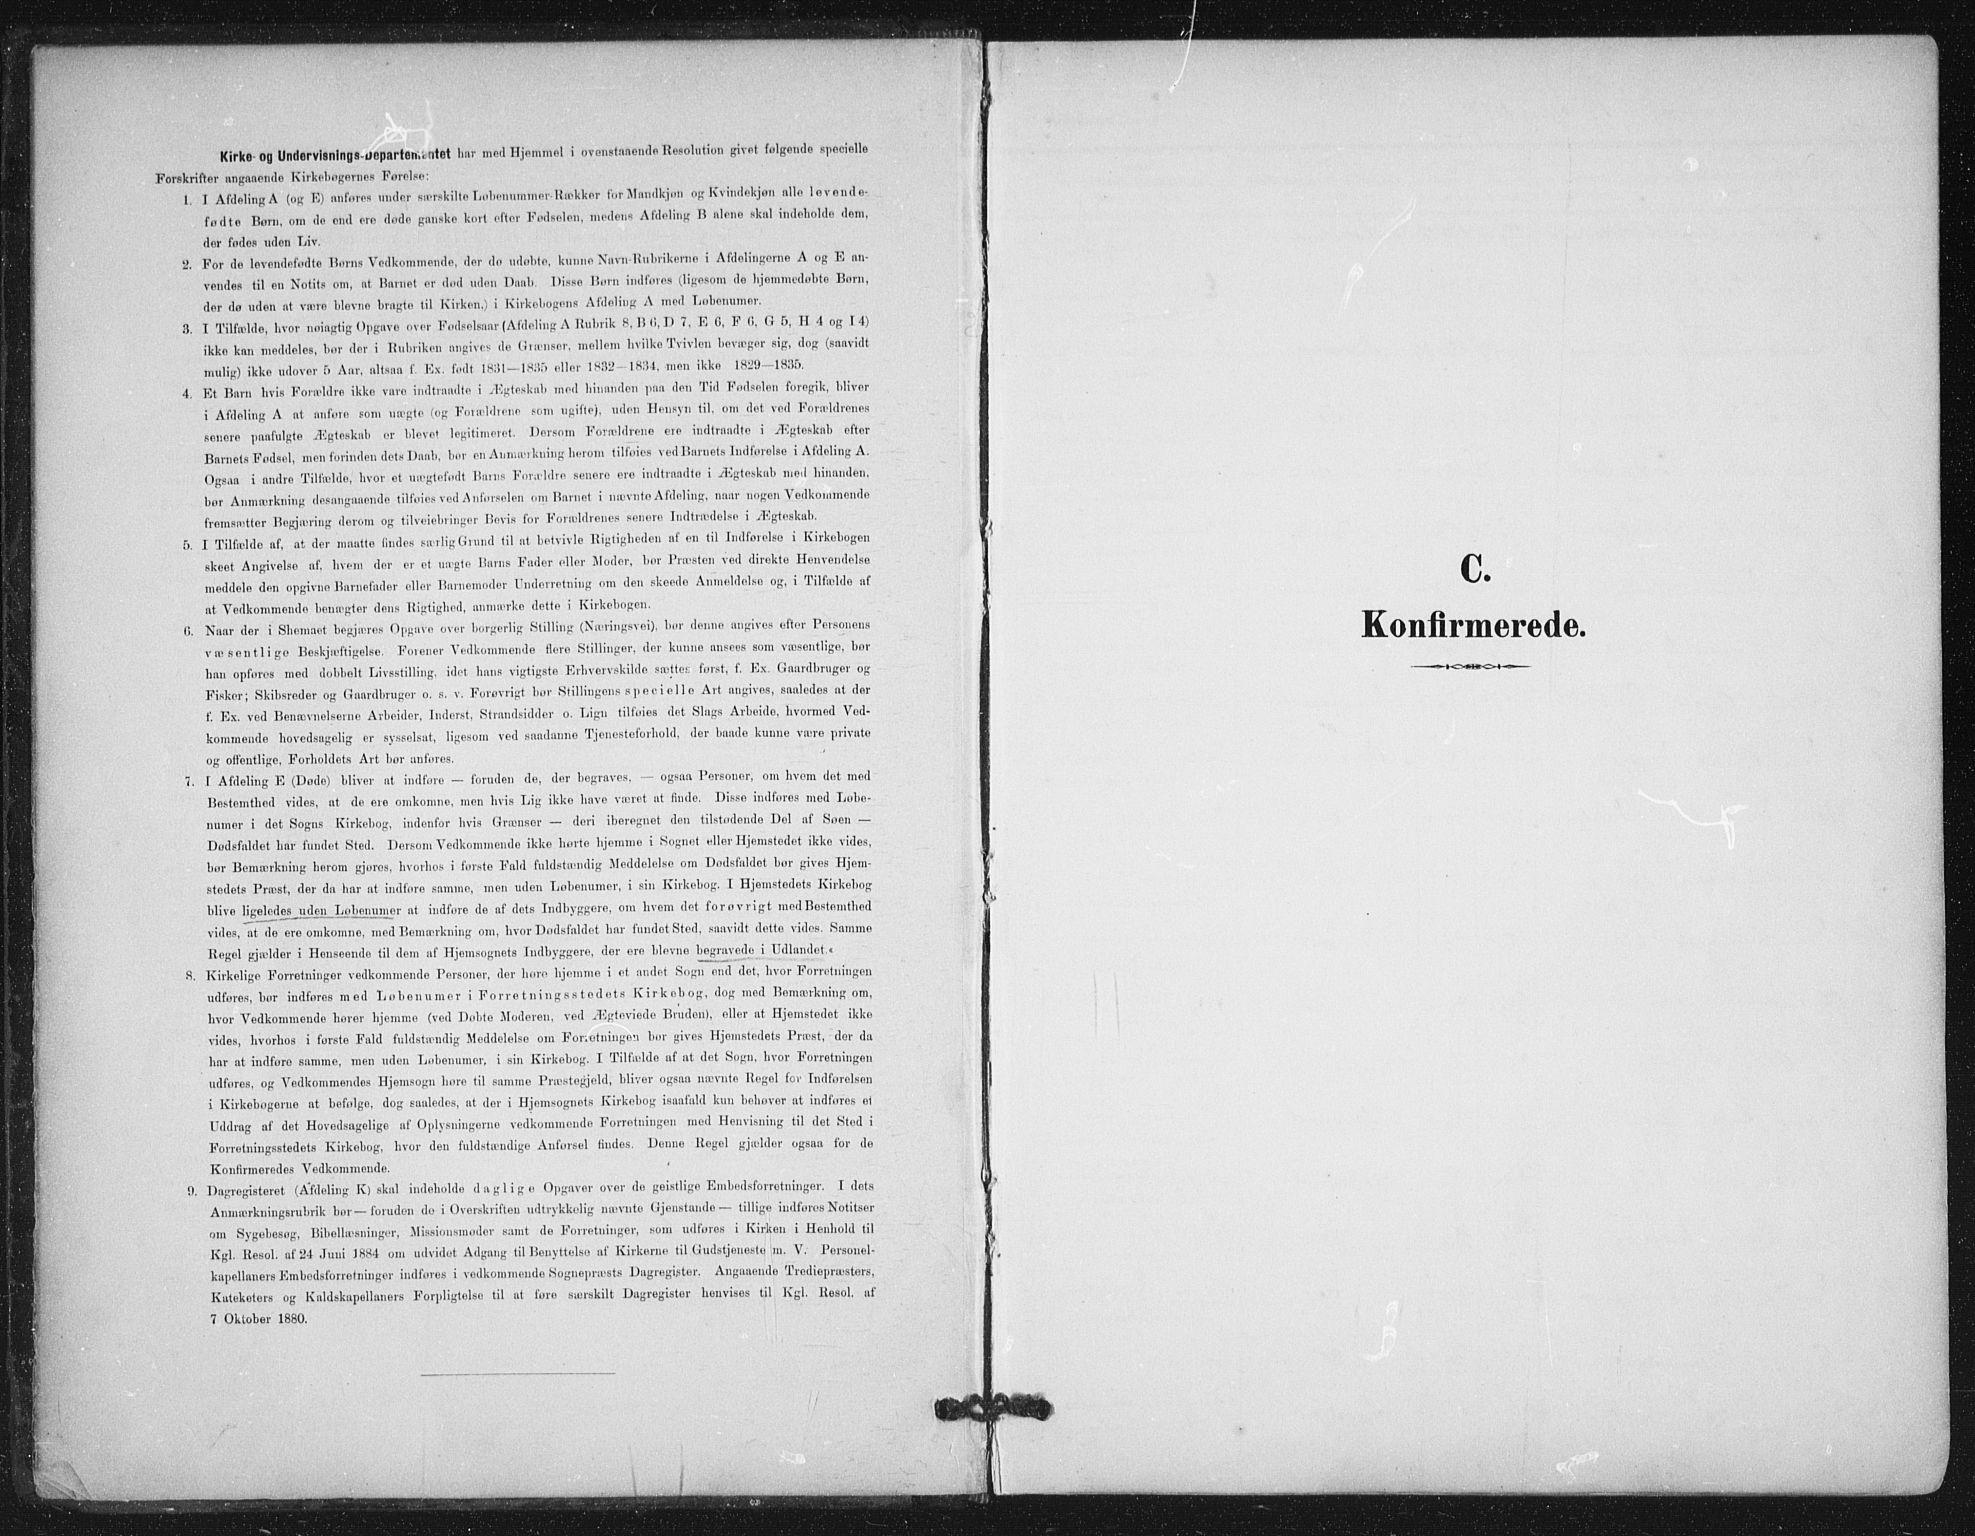 SAT, Ministerialprotokoller, klokkerbøker og fødselsregistre - Møre og Romsdal, 529/L0457: Ministerialbok nr. 529A07, 1894-1903